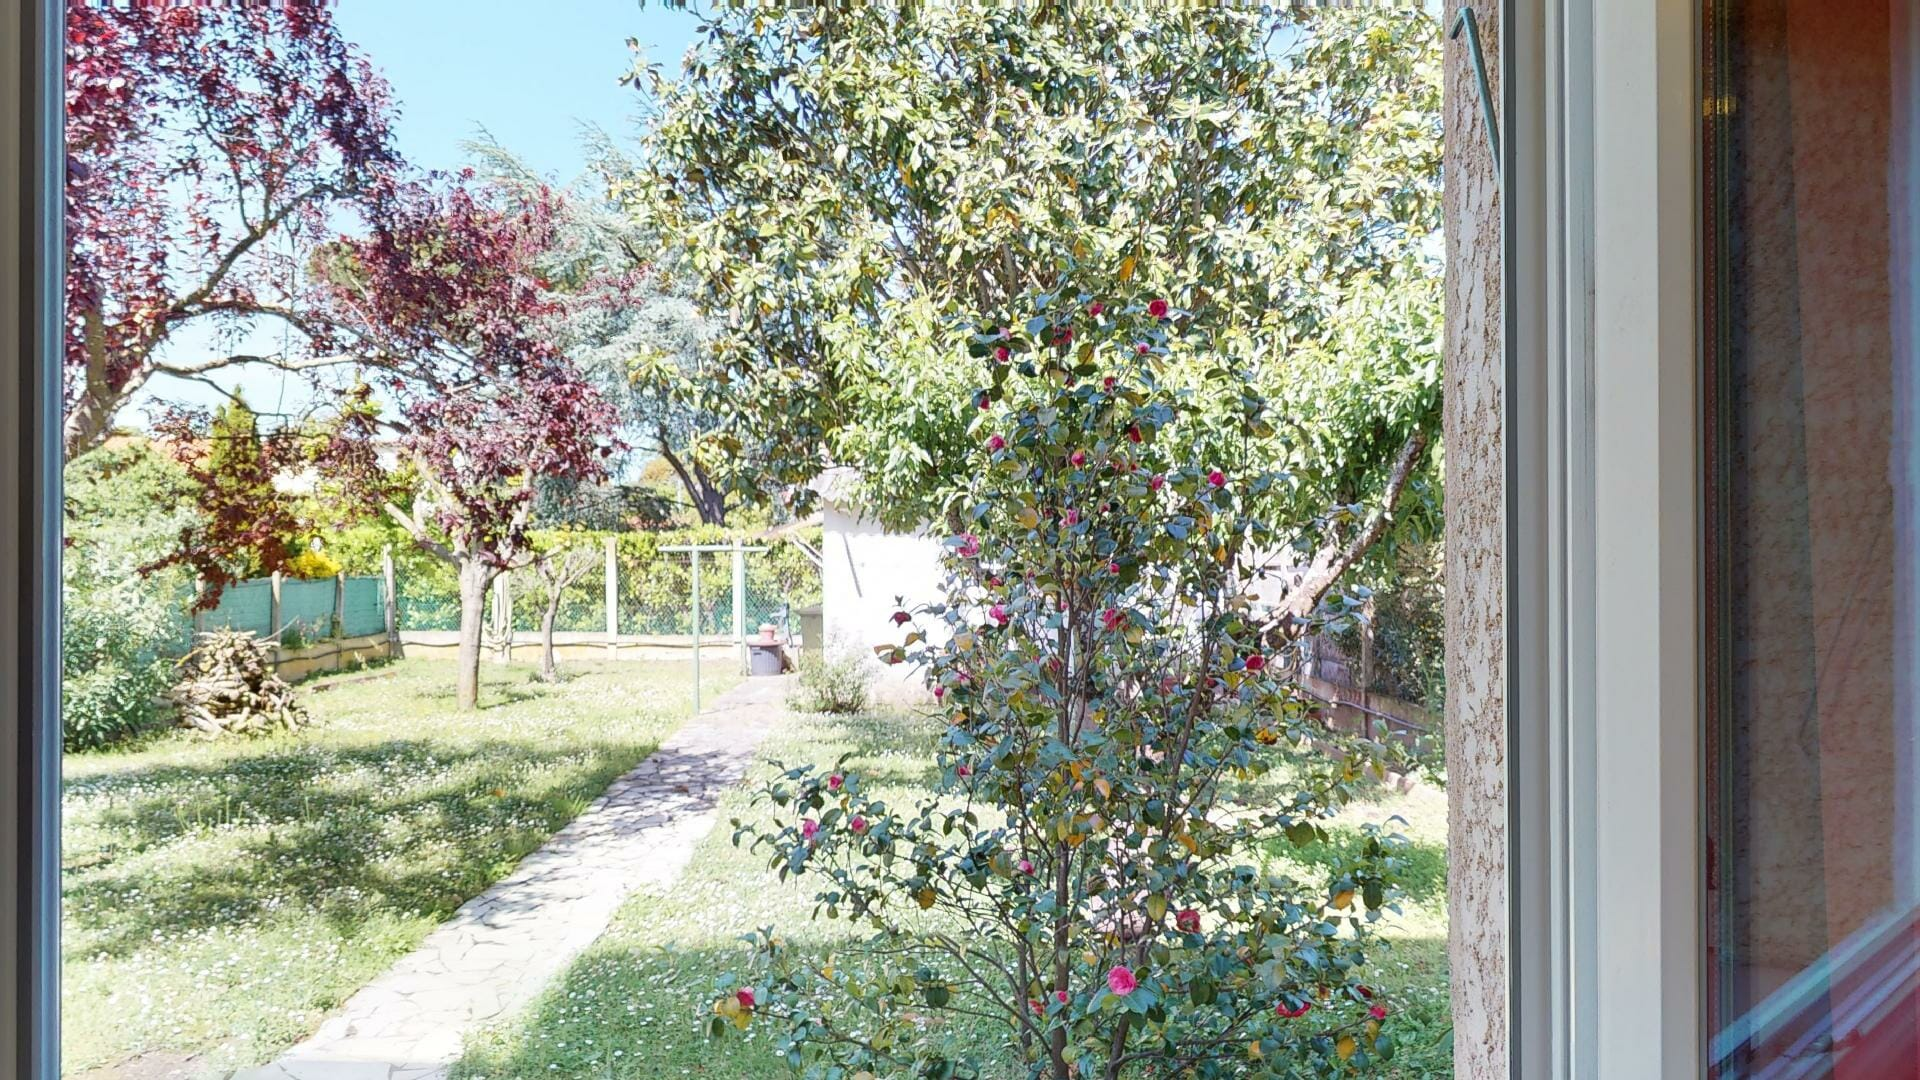 Atelier-Magnolia-urbanhouse360